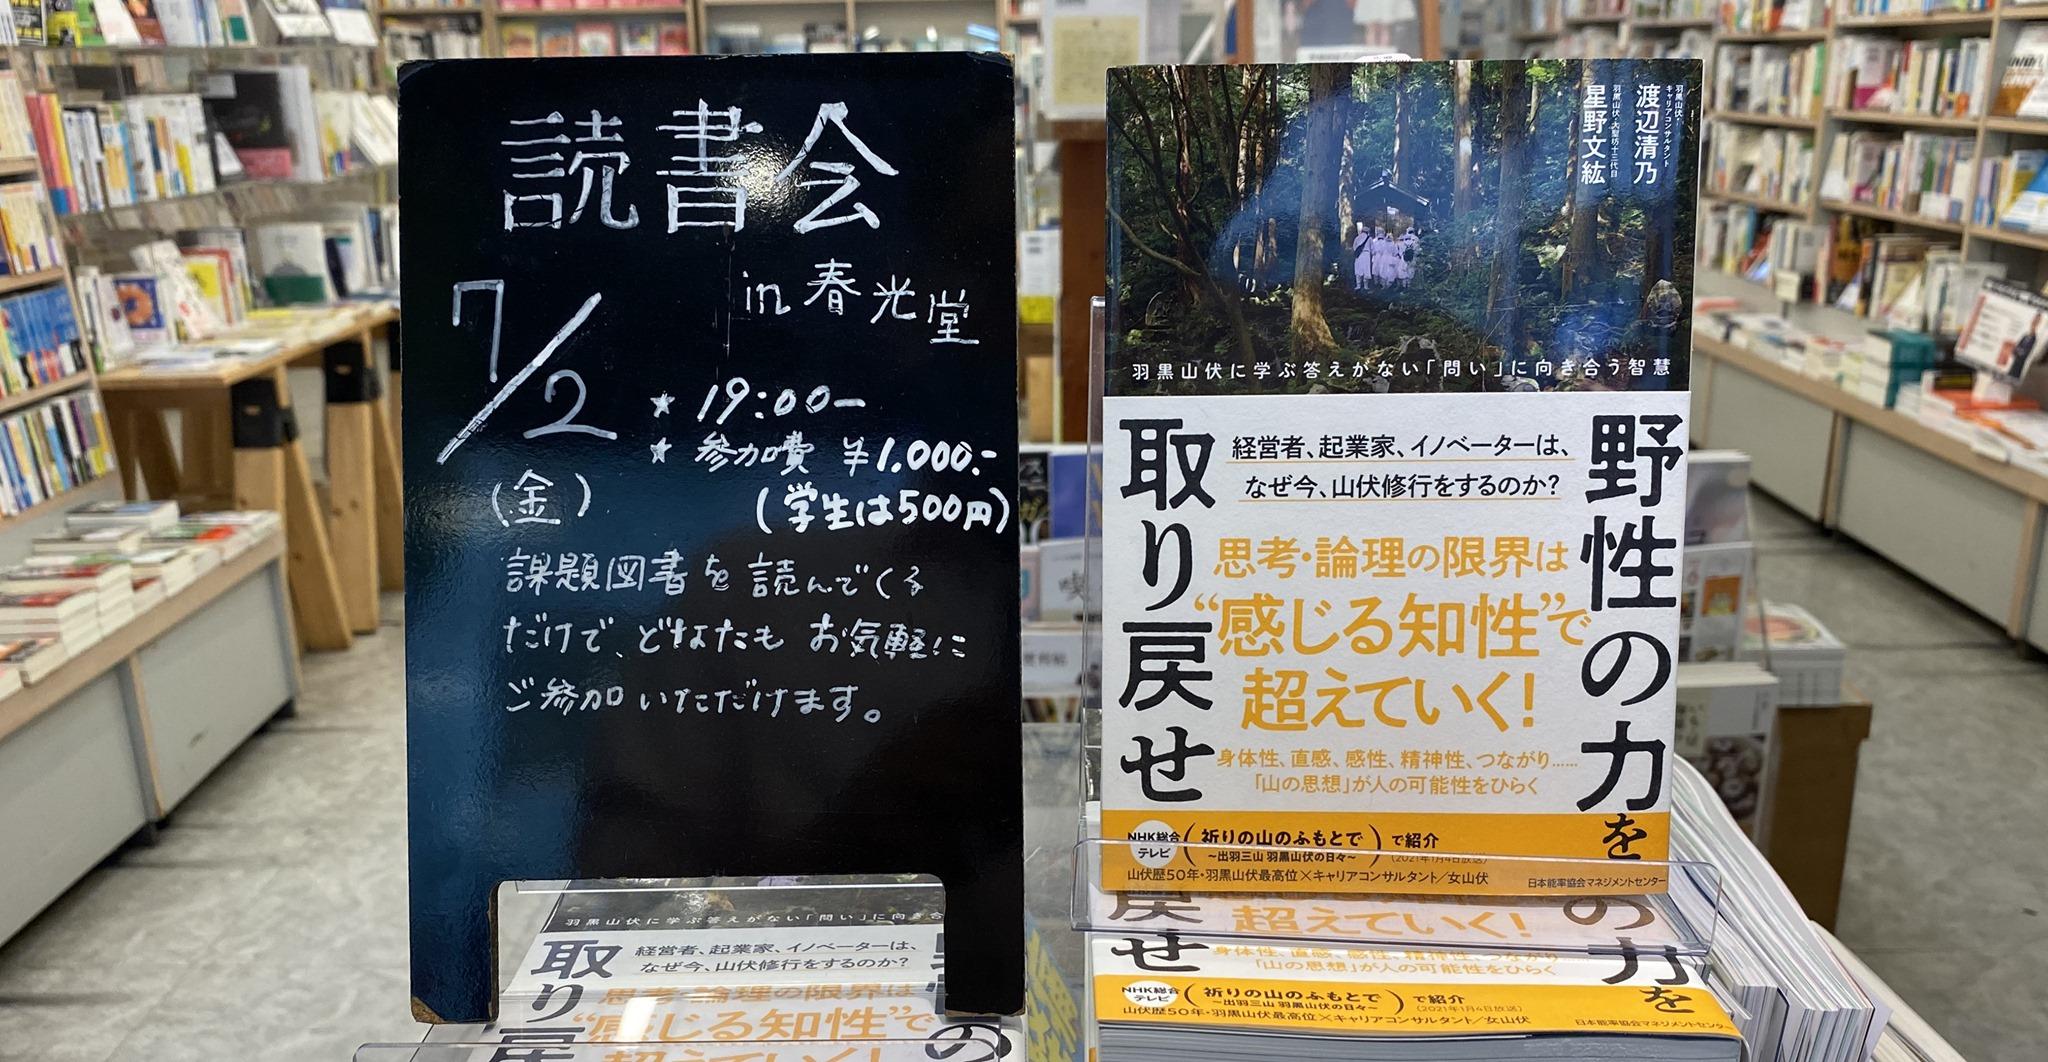 7月読書会(リアル+オンライン)のイメージ